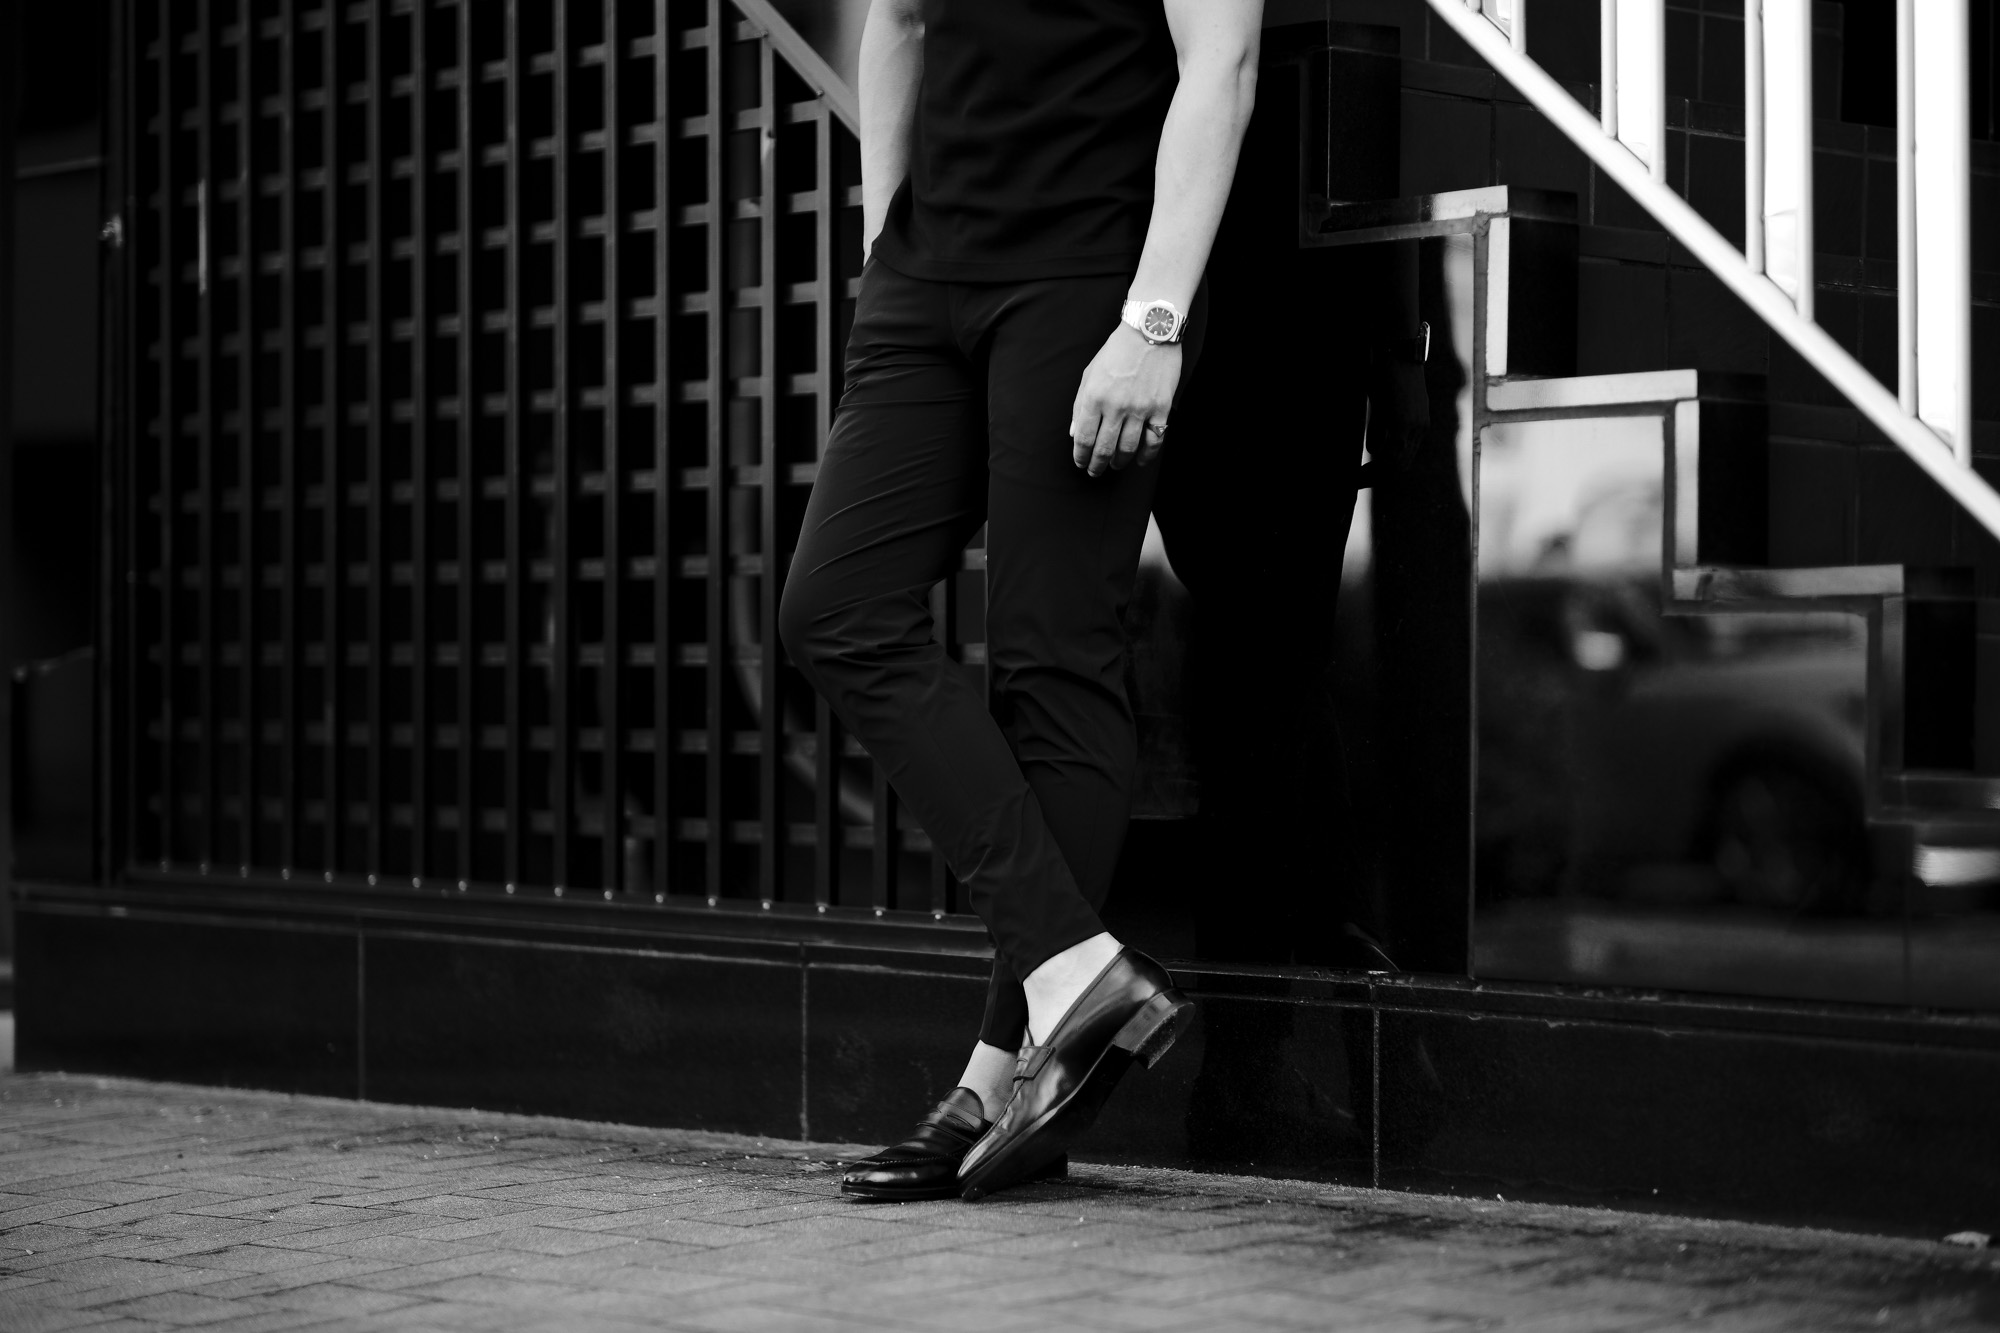 """cuervo bopoha """"Hedi"""" 2022SS 【Special Model】 クエルボ ヴァローナ サルトリアコレクション エディ エディ・スリマン Hedi Slimane エディスリマン WASHABLE 2WAY SUPER COMFORT NYLON ウォッシャブル ストレッチ ナイロン スラックス BLACK ブラック ナイロンスラックス 極細 鬼細 細身スラックス エディ・スリマンは、フランス出身のファッションデザイナー。20世紀終盤頃から21世紀初頭にかけてのファッションブランド「イヴ・サン=ローラン」・「ディオール・オム」及び2012年から2016年にかけてのSAINT LAURENT PARISのクリエイティブディレクターとしての活動が最も広く知られている。"""